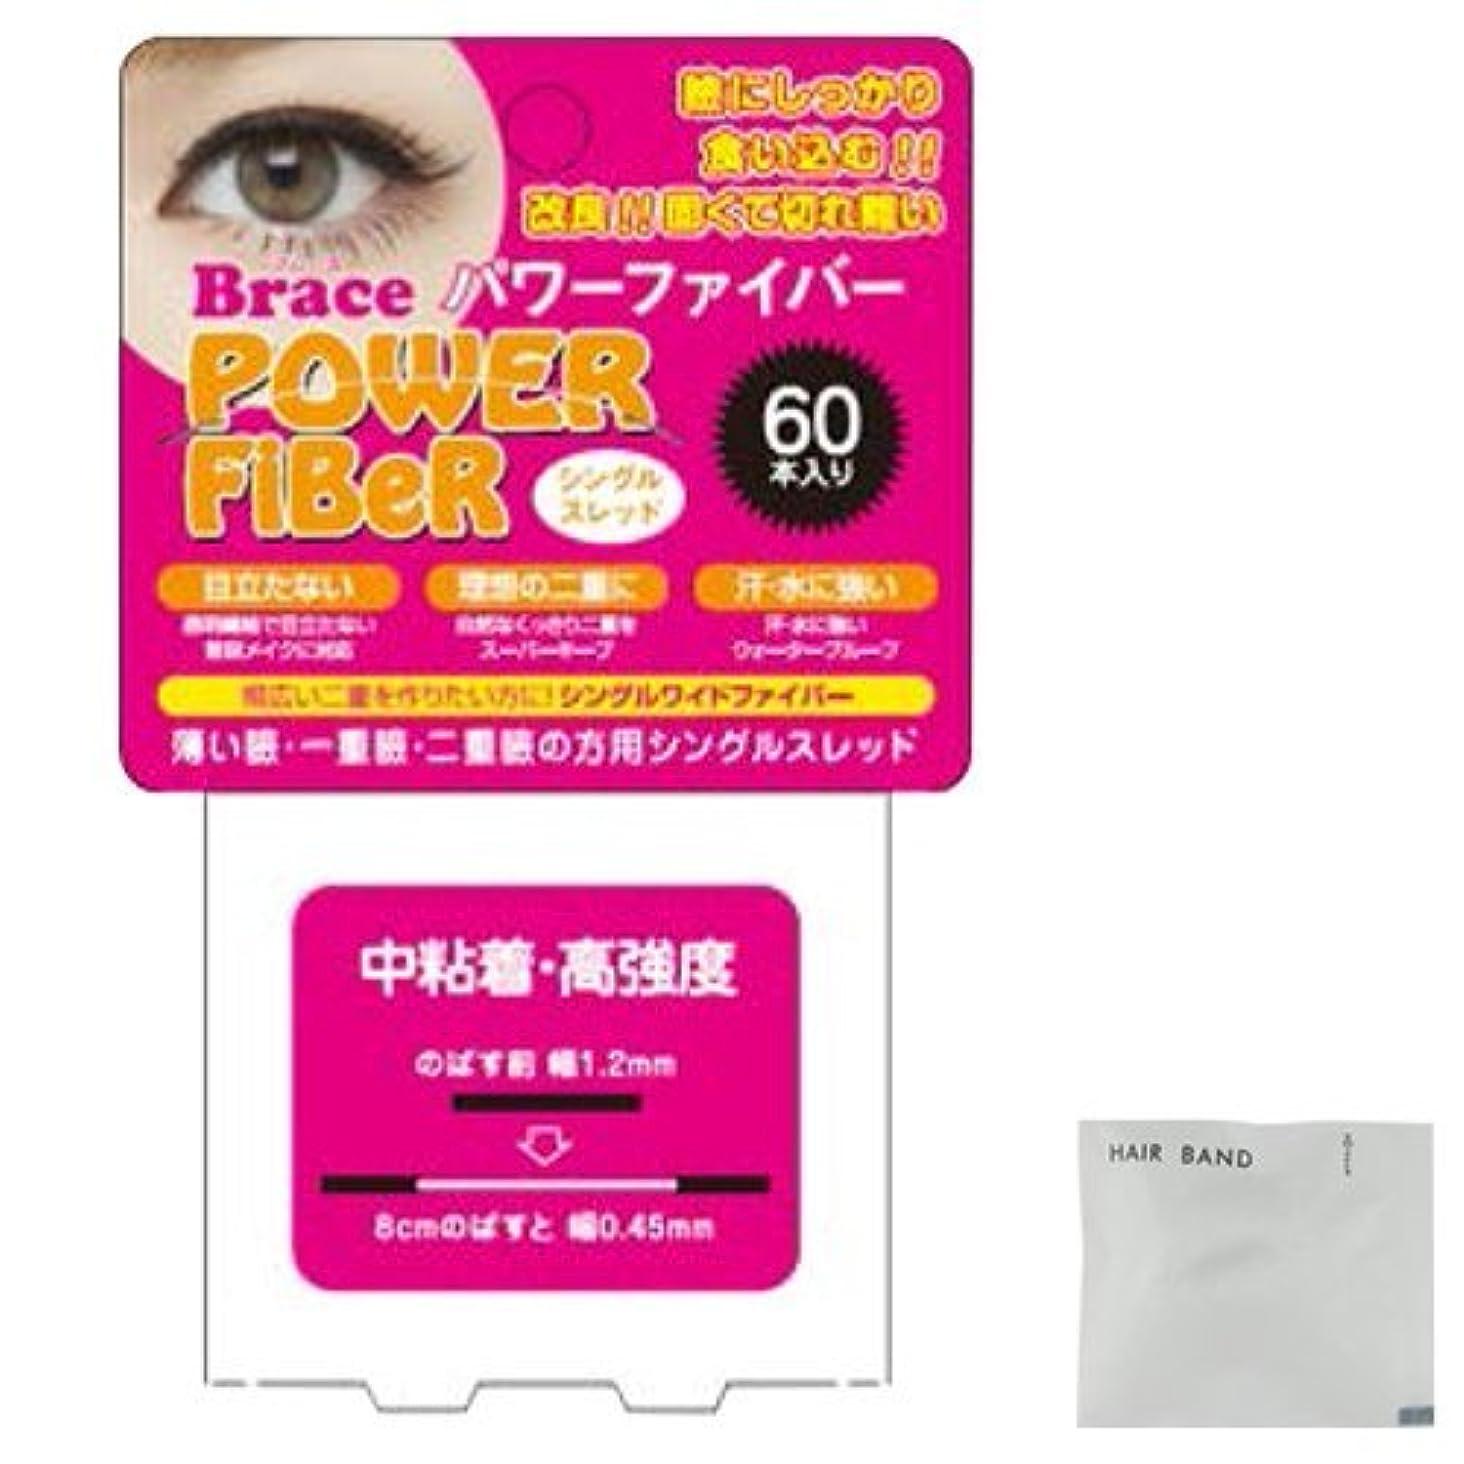 セラフ小人寄稿者Brace パワーファイバー (Power Fiber) シングルスレッドクリア1.2mm + ヘアゴム(カラーはおまかせ)セット